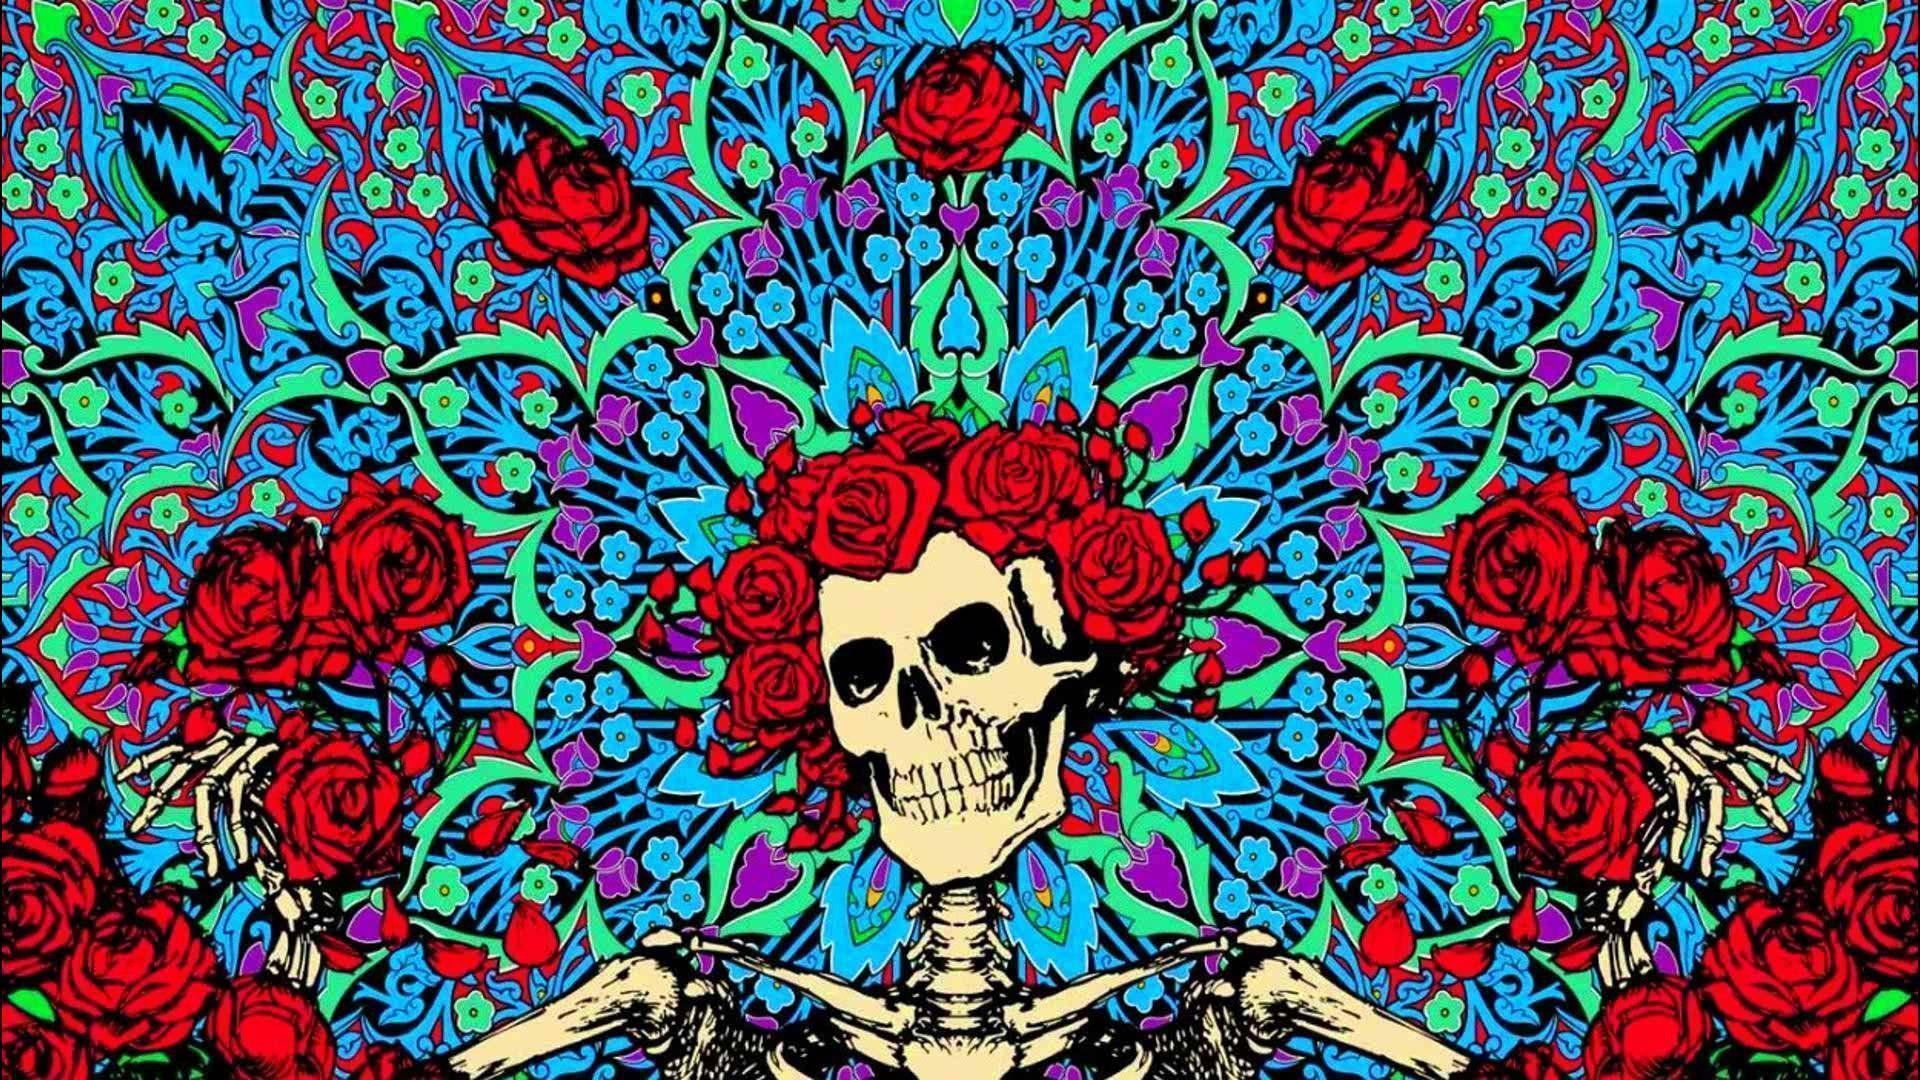 drop dead wallpaper - photo #17